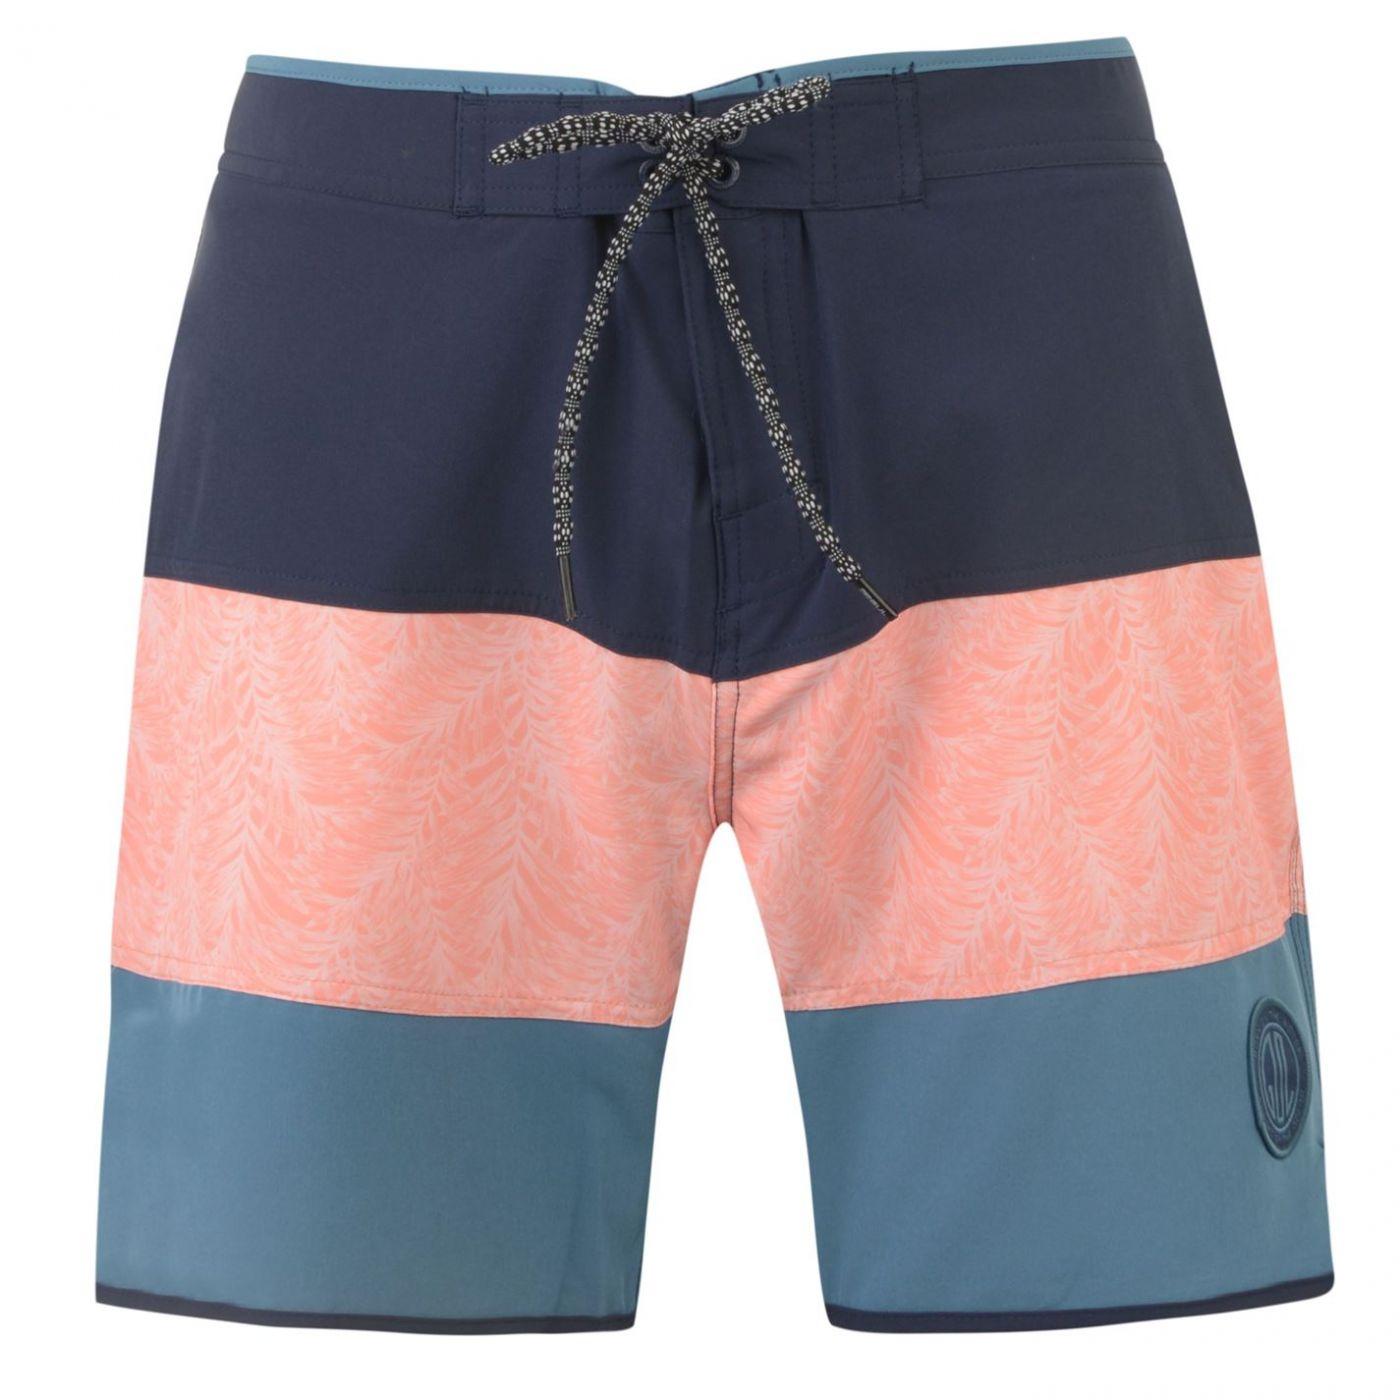 Men's swim shorts Gul Retro Board